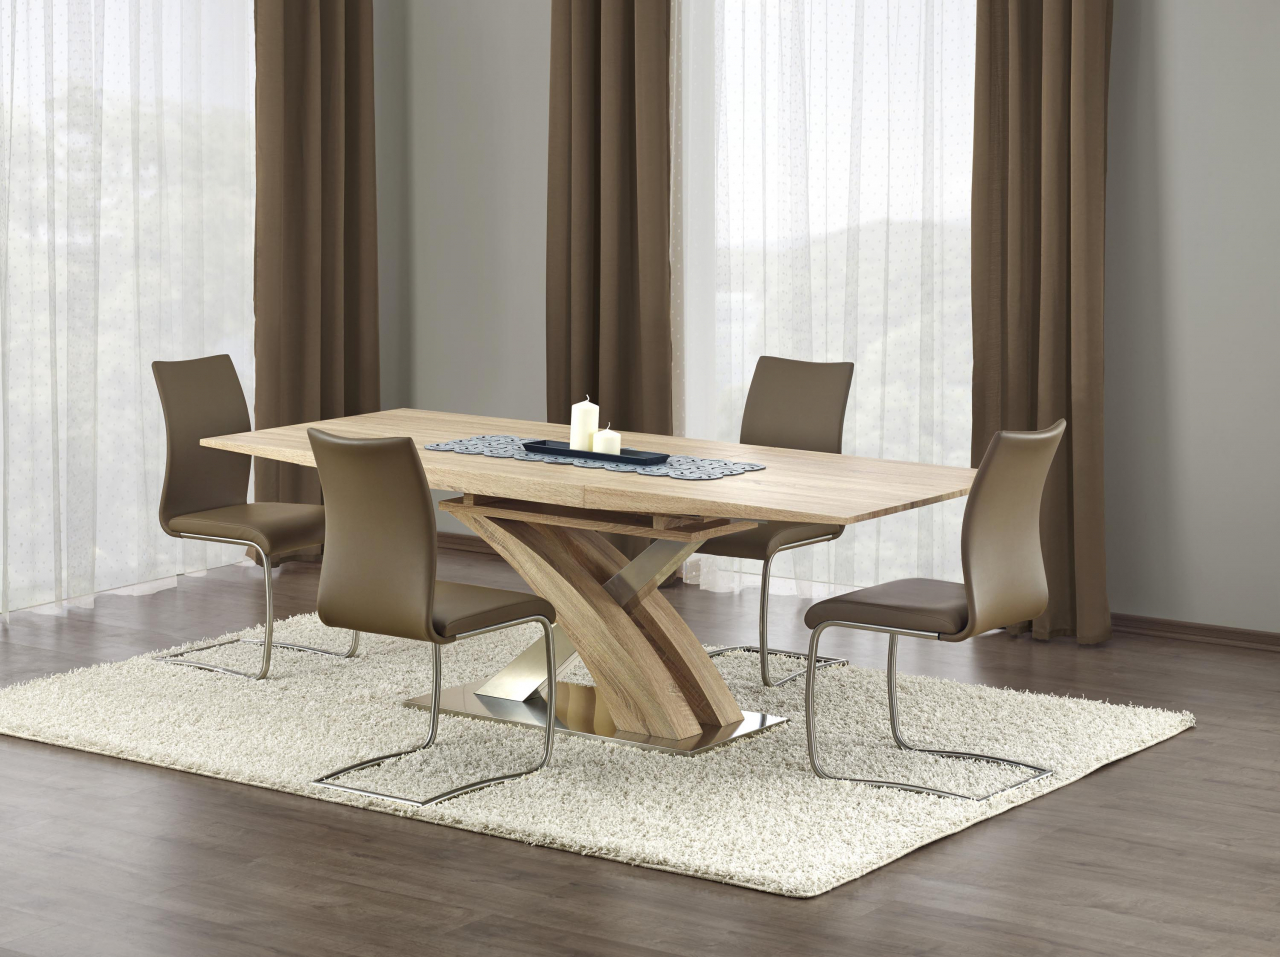 Sandor-25 étkezőasztal